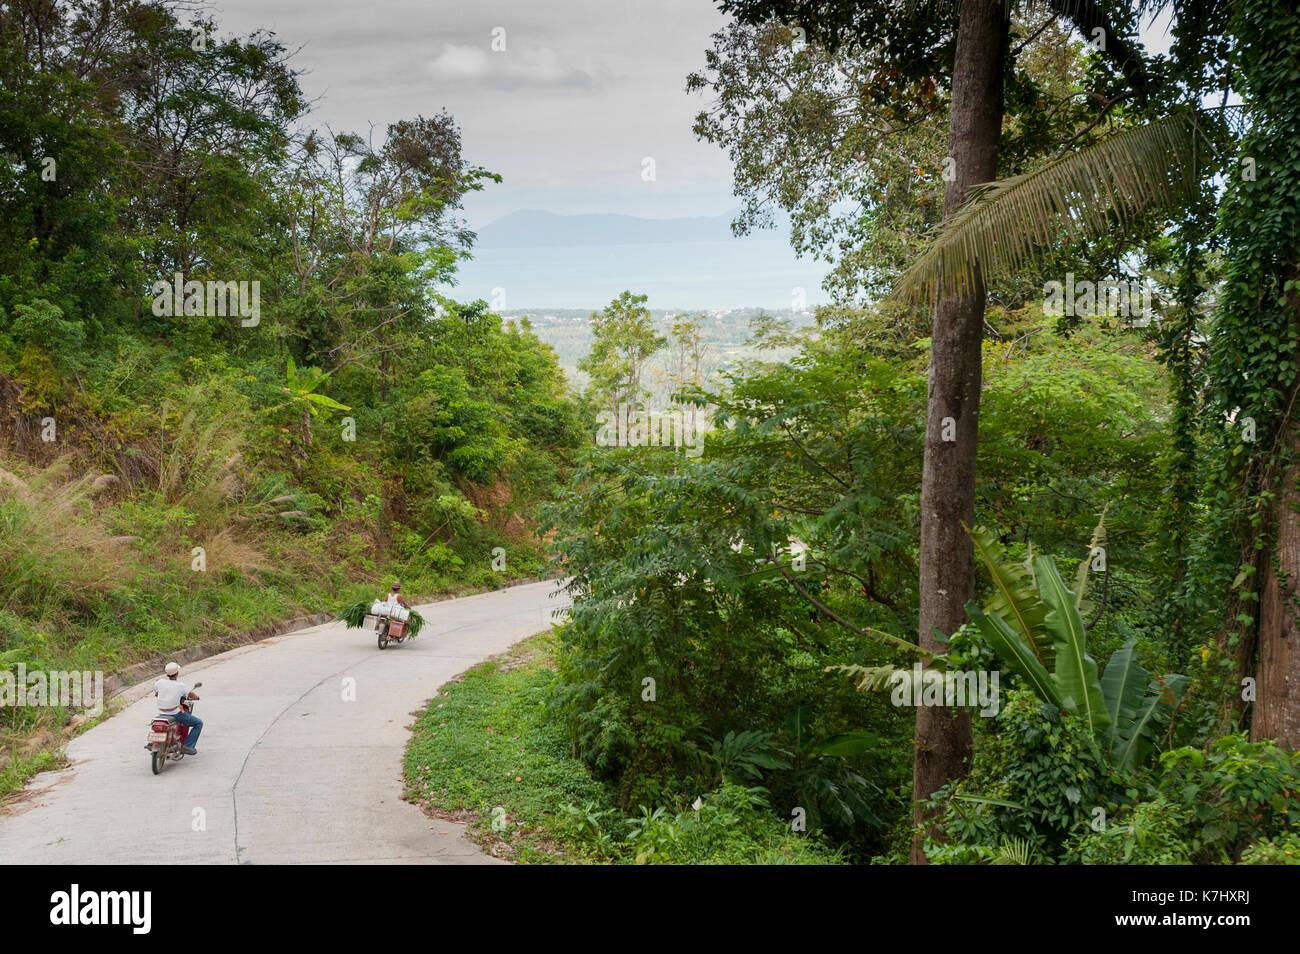 Motorräder reisen entlang einer Straße auf der Insel Koh Samui, Thailand. Stockbild